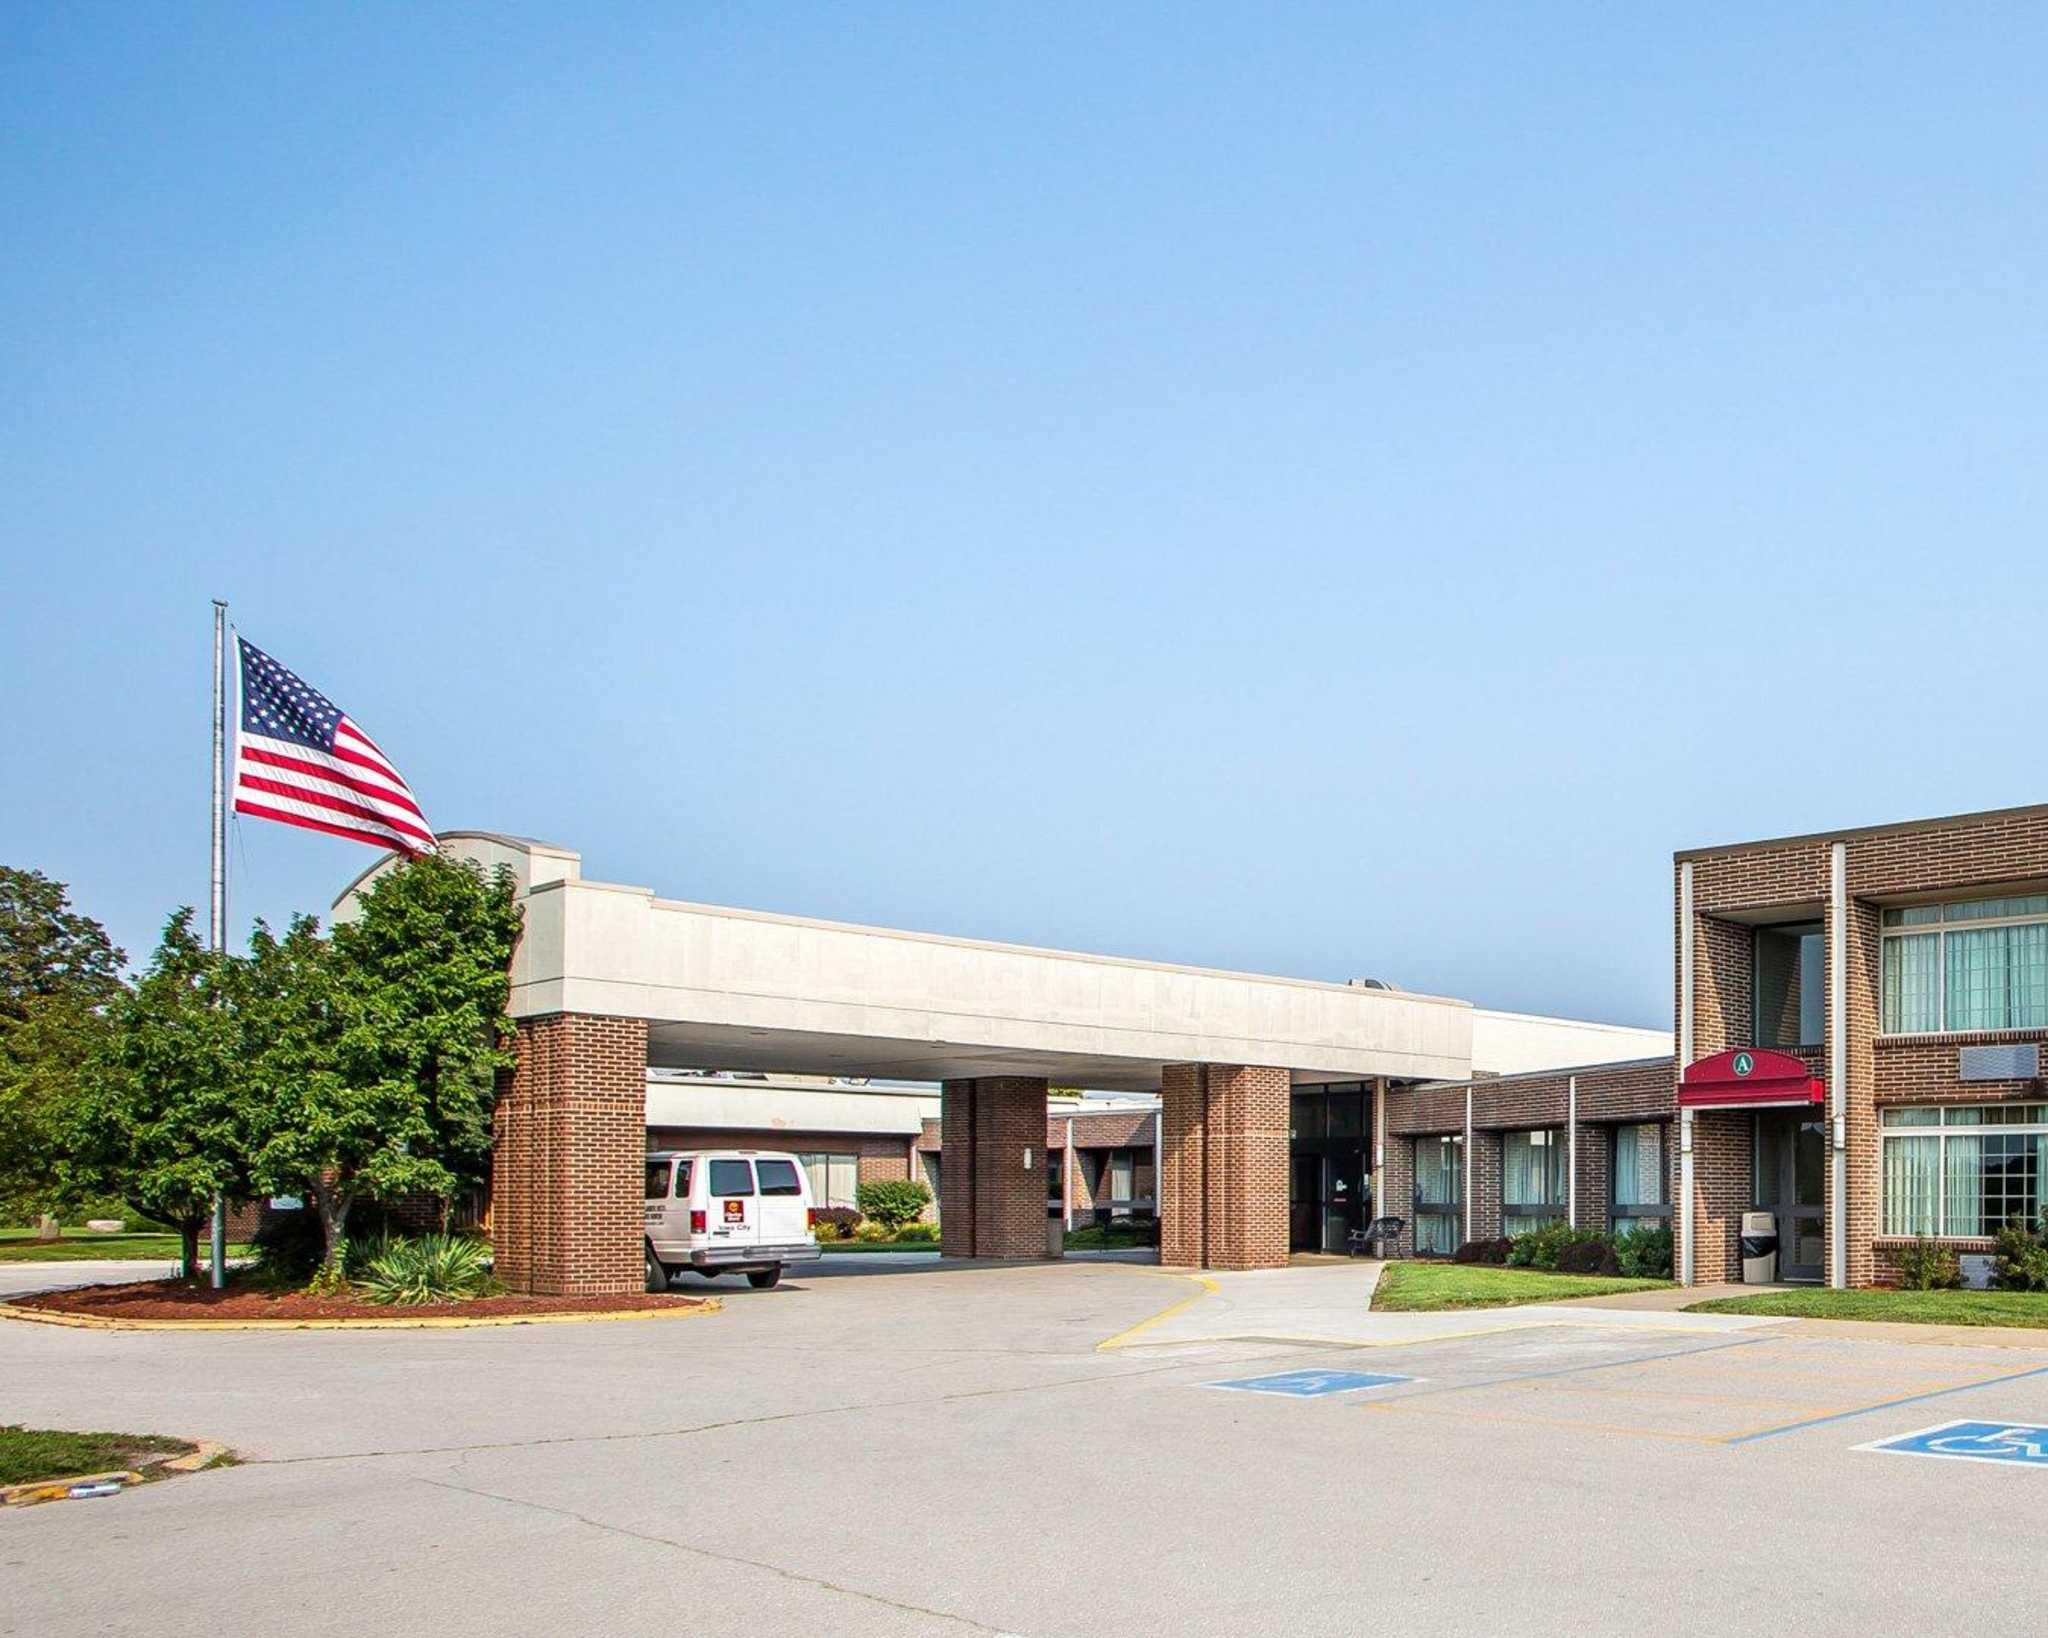 Hotels In Iowa City Iowa Near University